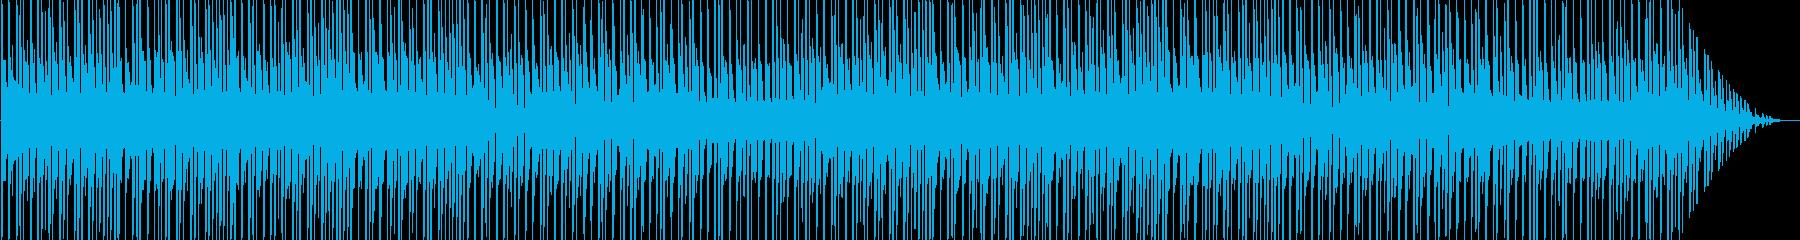 アップテンポのキラキラしたテクノ音の再生済みの波形